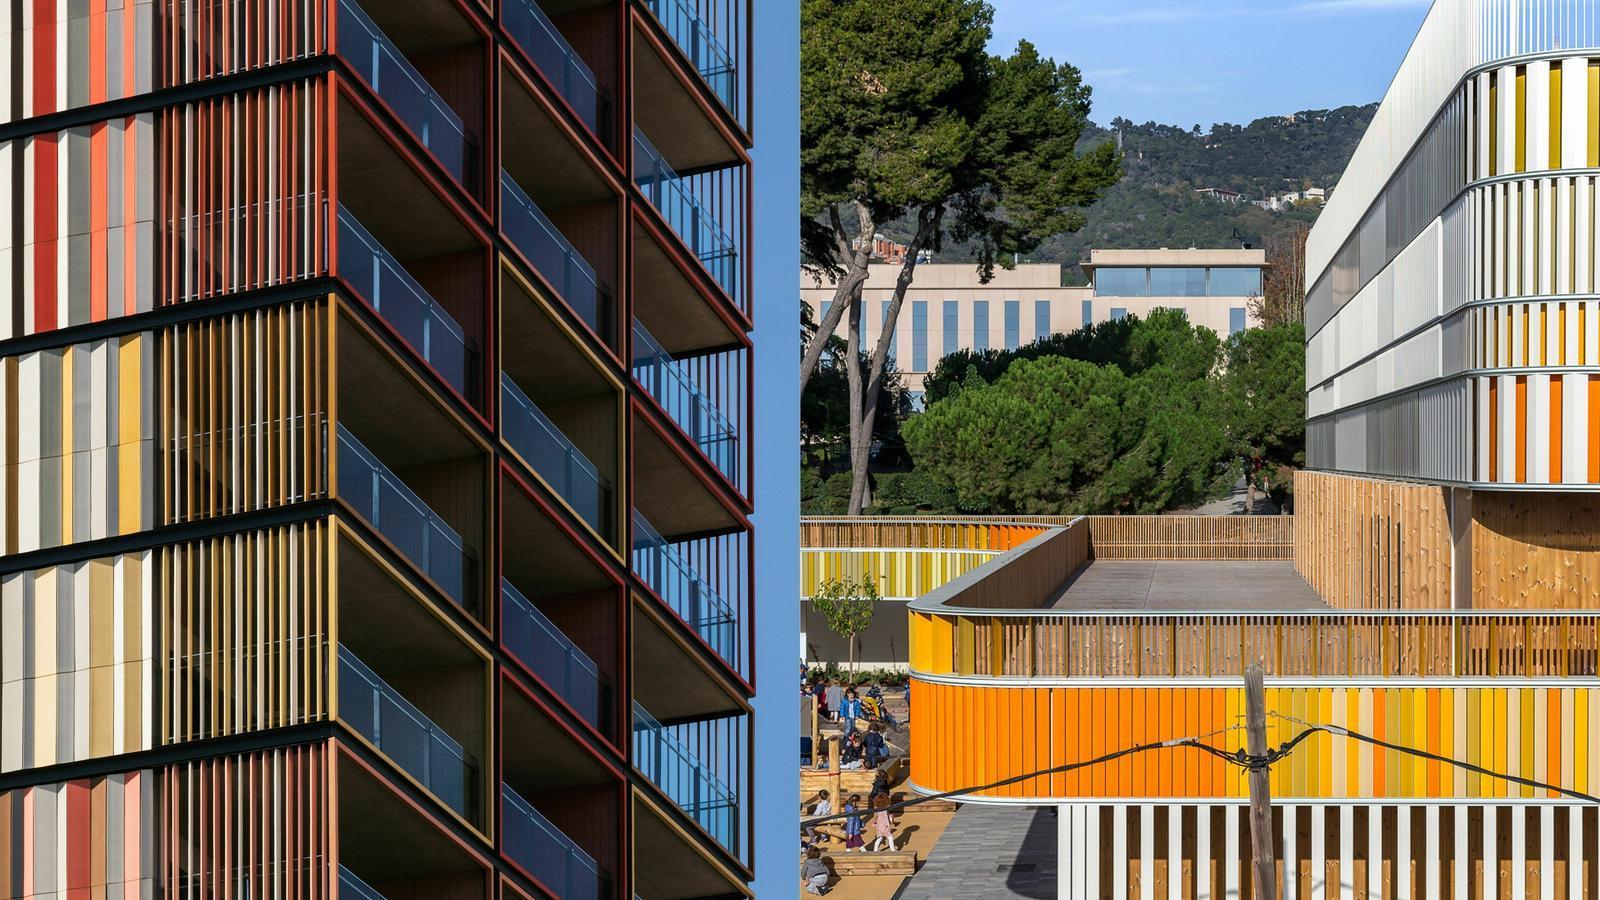 El grup d'arquitectes que participarà en la remodelació del Camp Nou guanya els premis Architecture MasterPrize